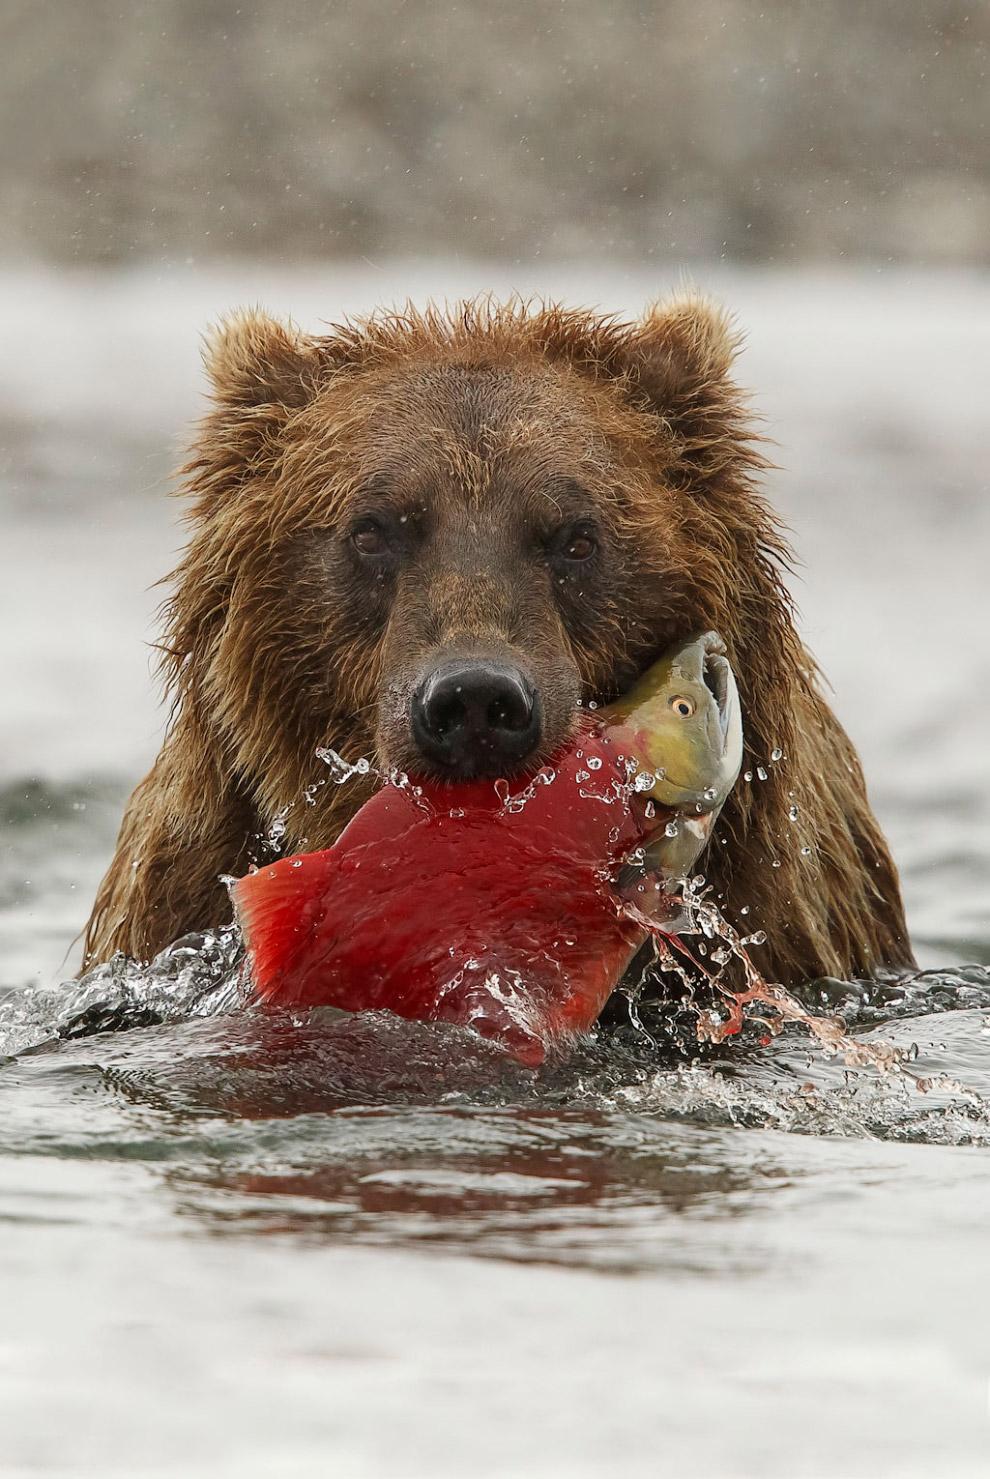 Медведь с семгой в Национальном парке Катмай на АляскеМедведь с семгой в Национальном парке Катмай на Аляске